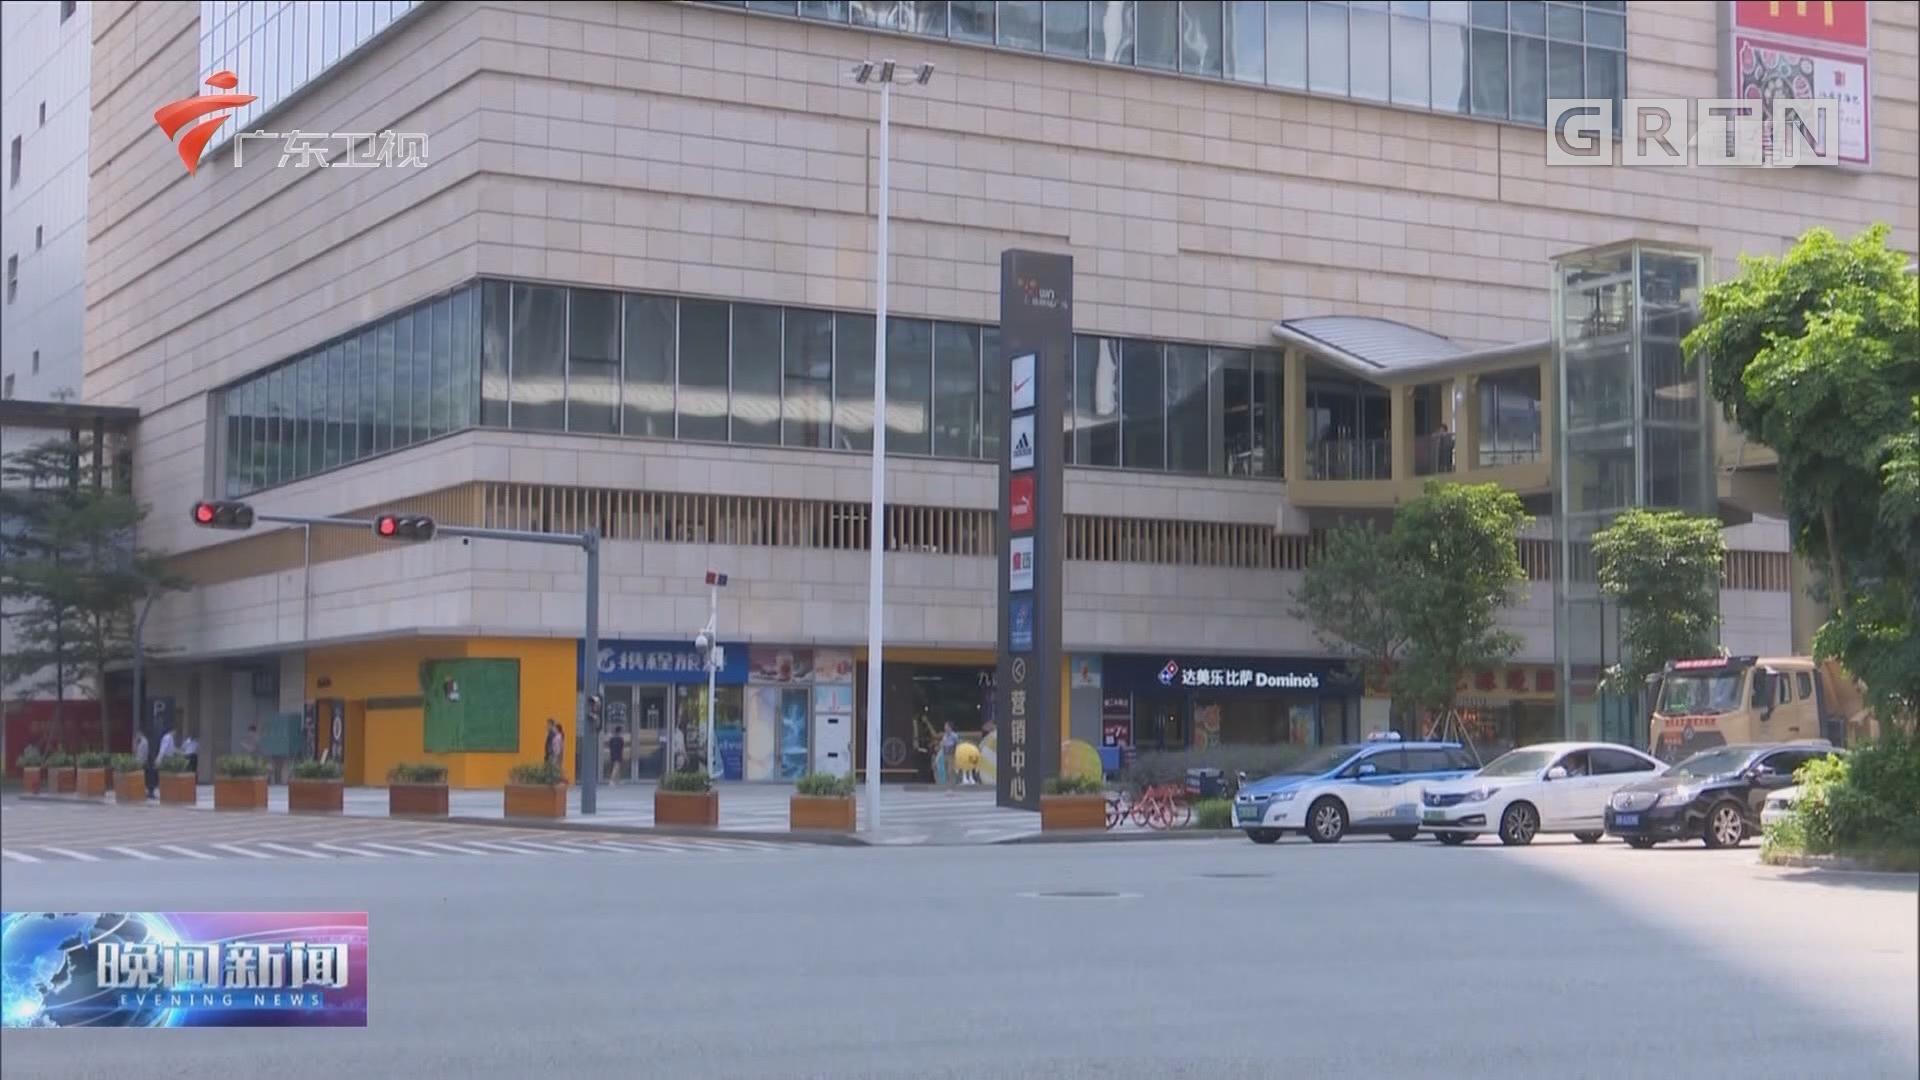 深圳推出全国首个稳租金商品房租赁试点项目 10月15日开放申请 239套房源一抢而空